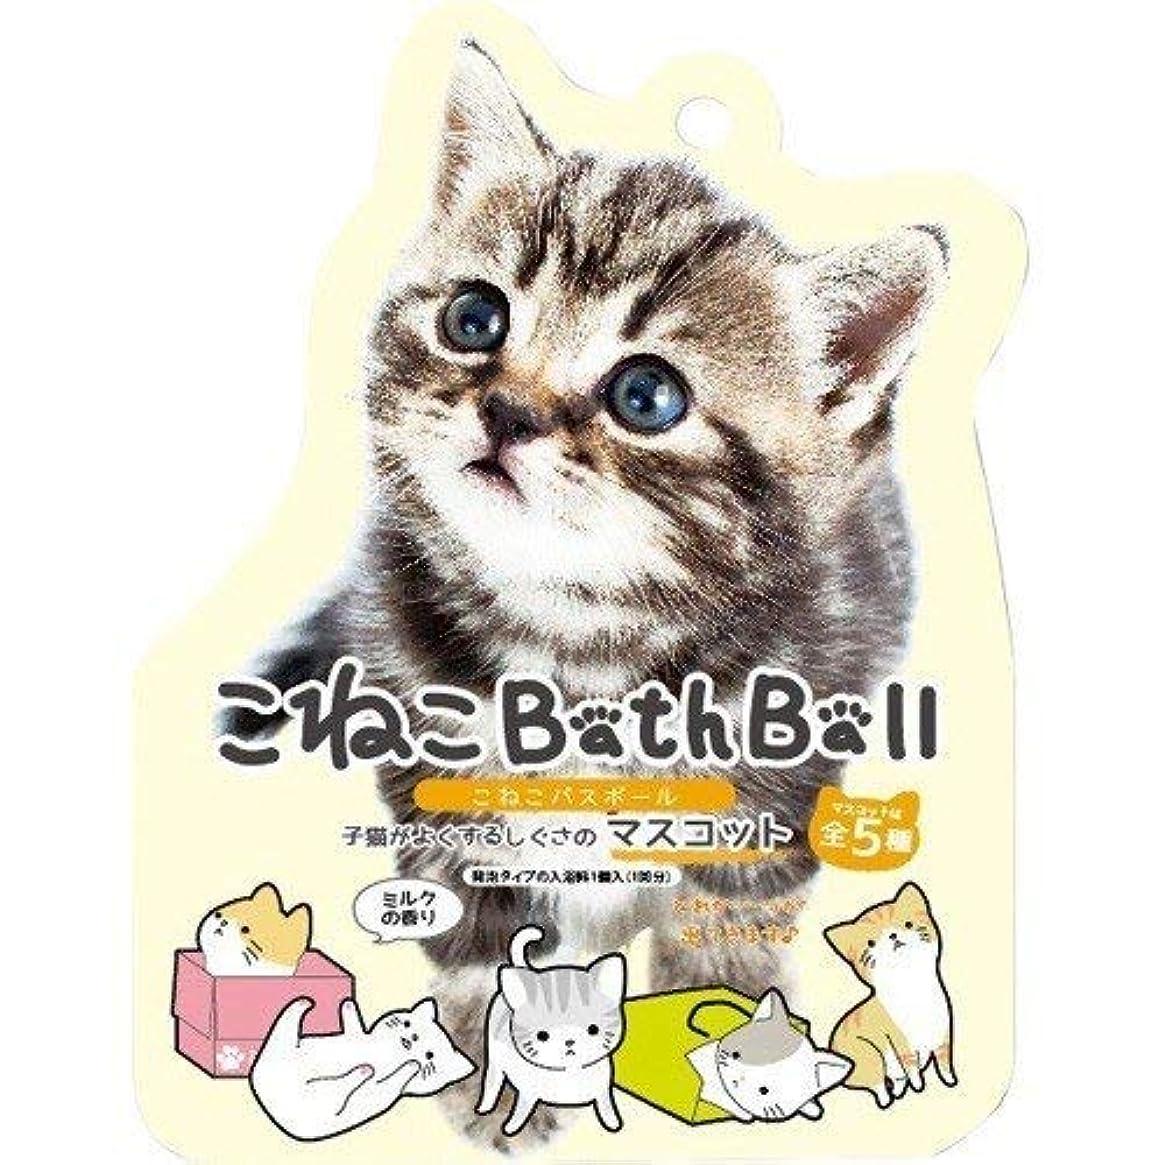 子ねこ バスボール マスコット入り 6個1セット 子猫 こねこ フィギュア入り 入浴剤